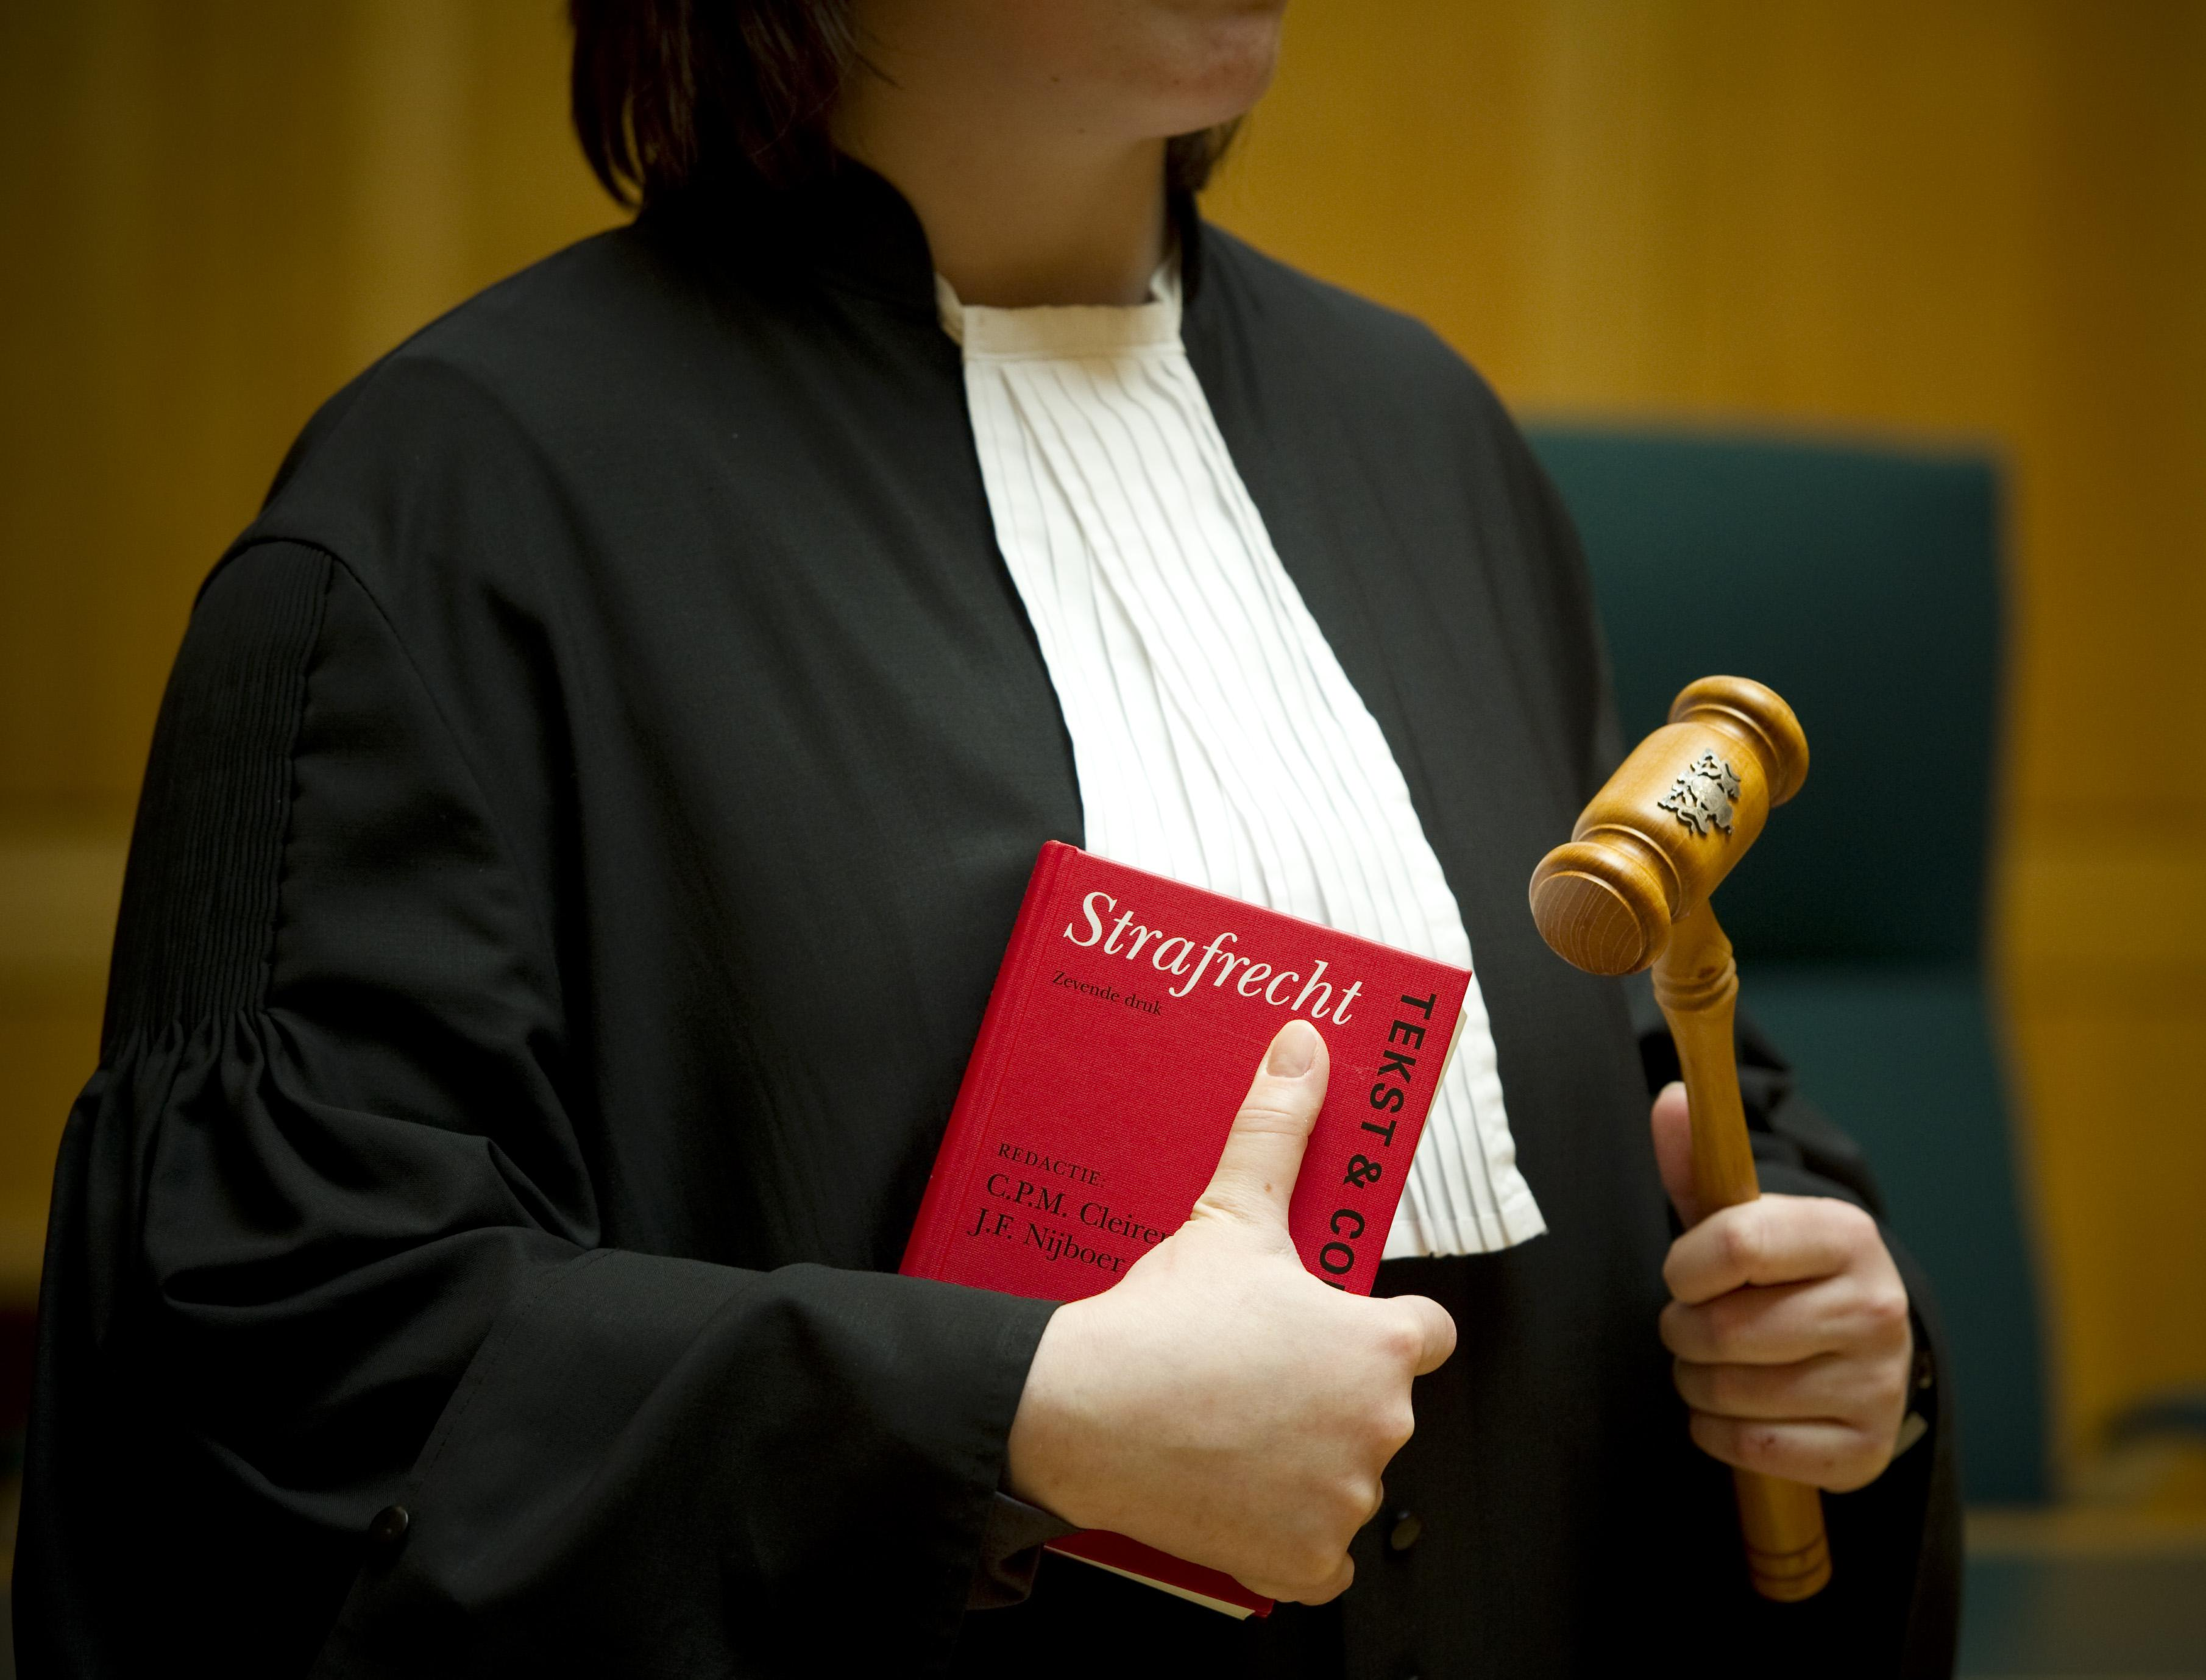 Geen uitstel voor proces Haarlemmermeer-Televerde